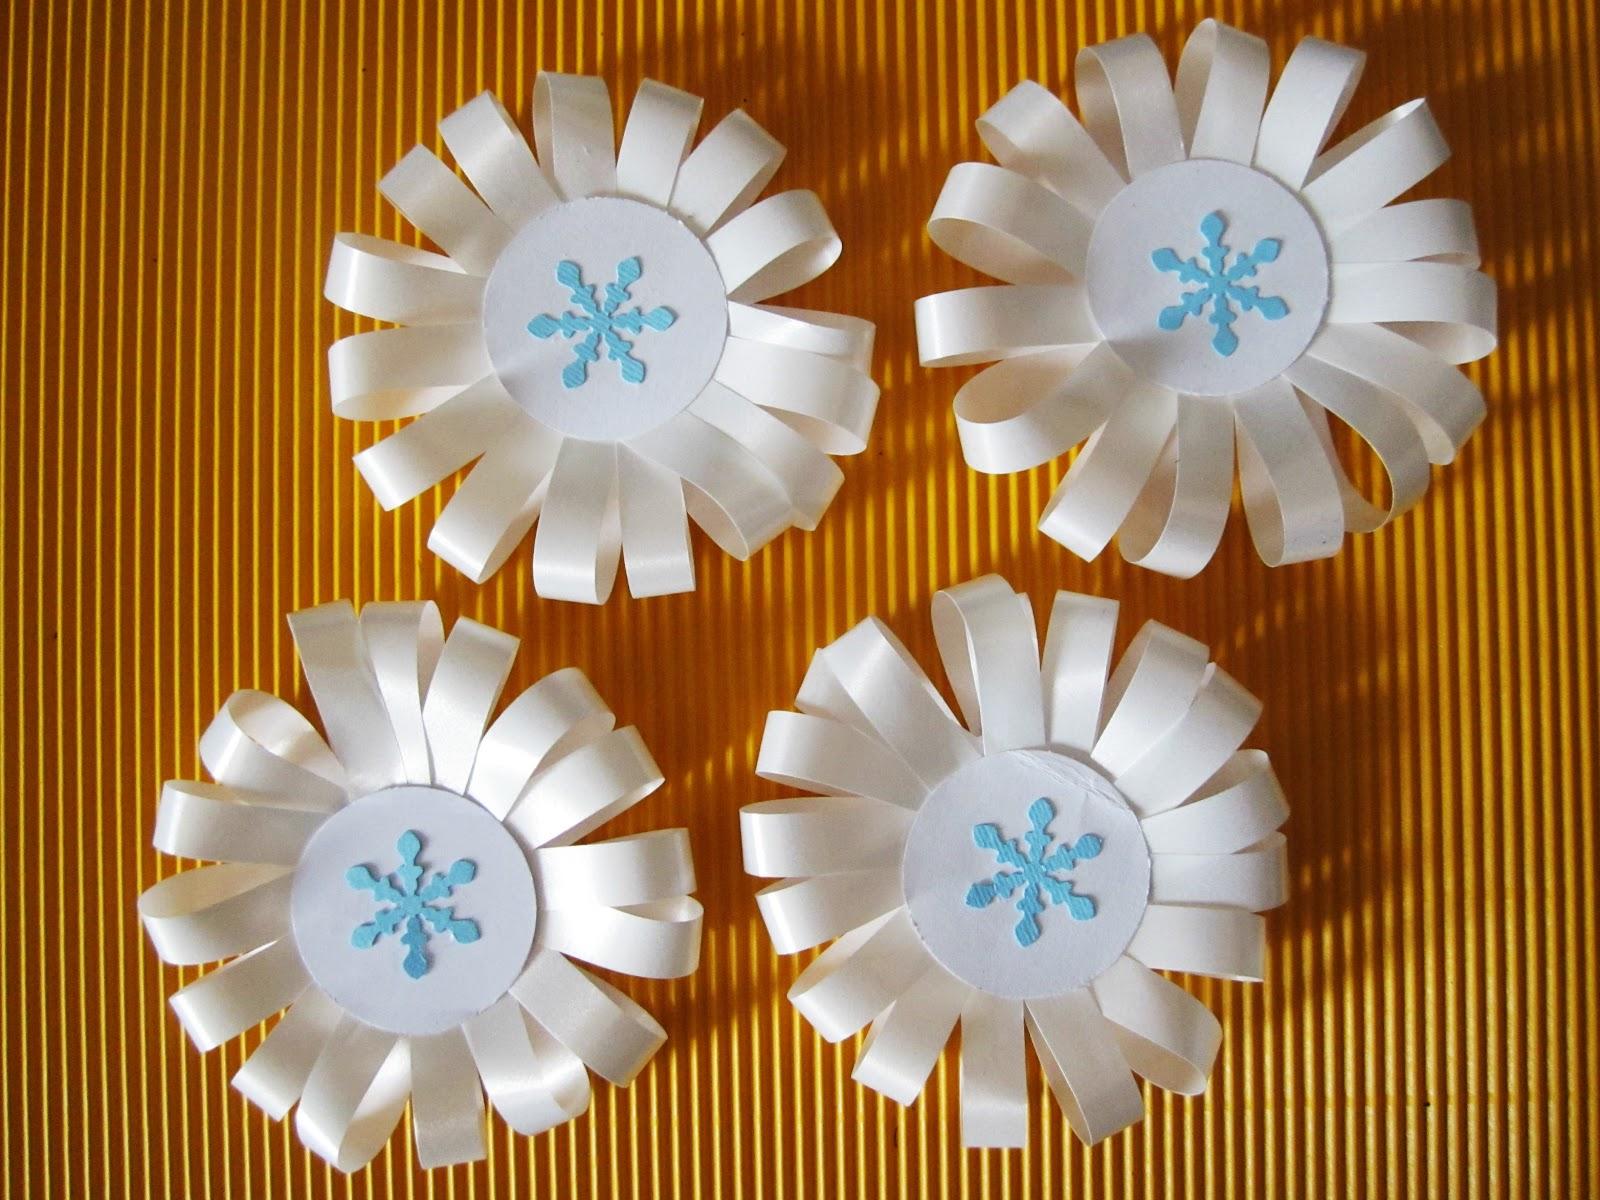 Decorandaeisuoilabirinti coccarda neve per decorazione for Addobbi di carnevale per l aula